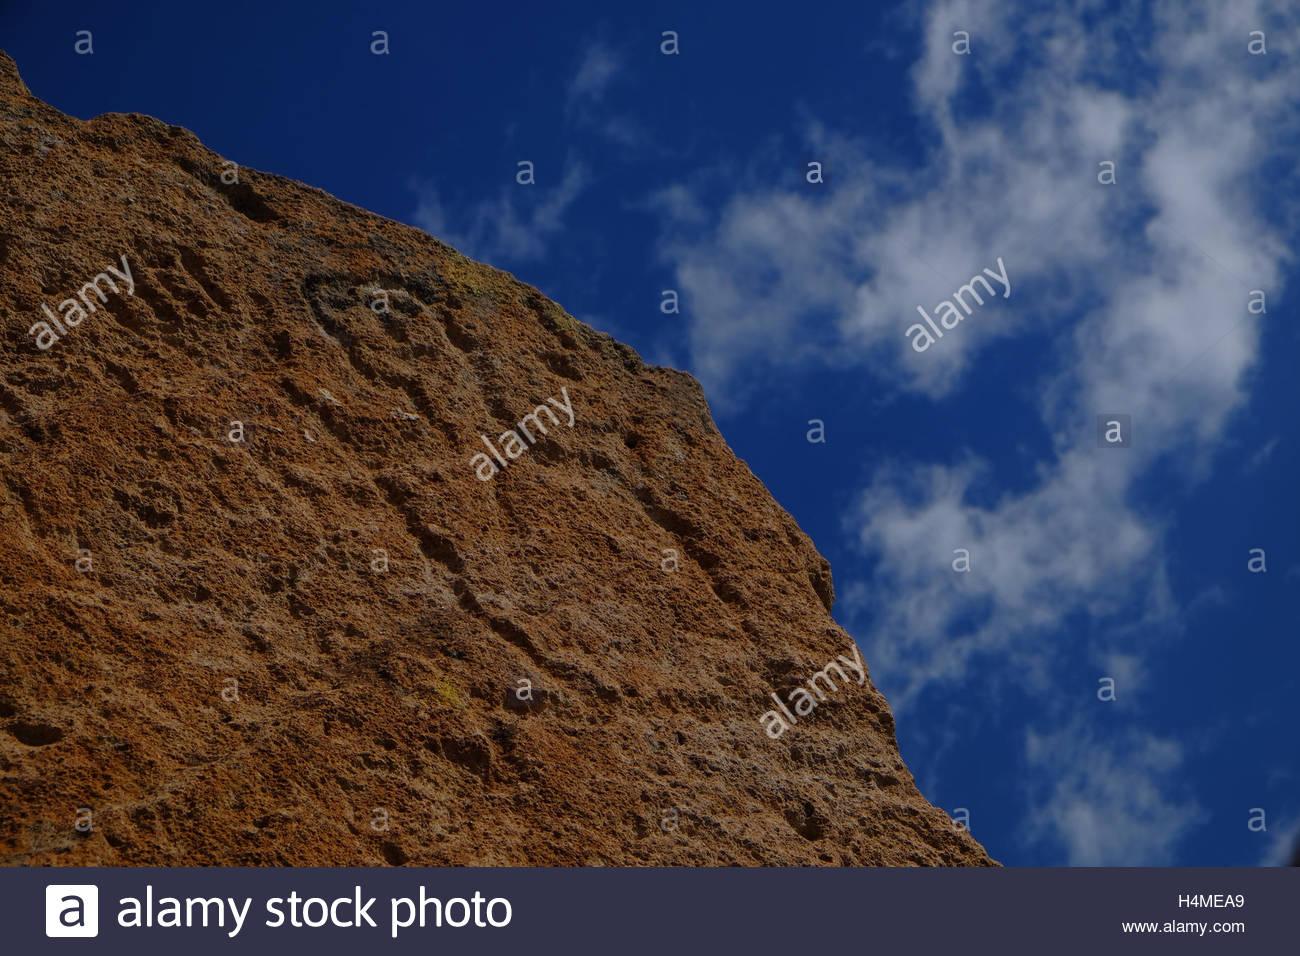 Eine alte Pueblo-Piktogramm eines Mannes mit einer erhobenen Hand geschnitzt in die Seite des einen Felsblock im Stockbild